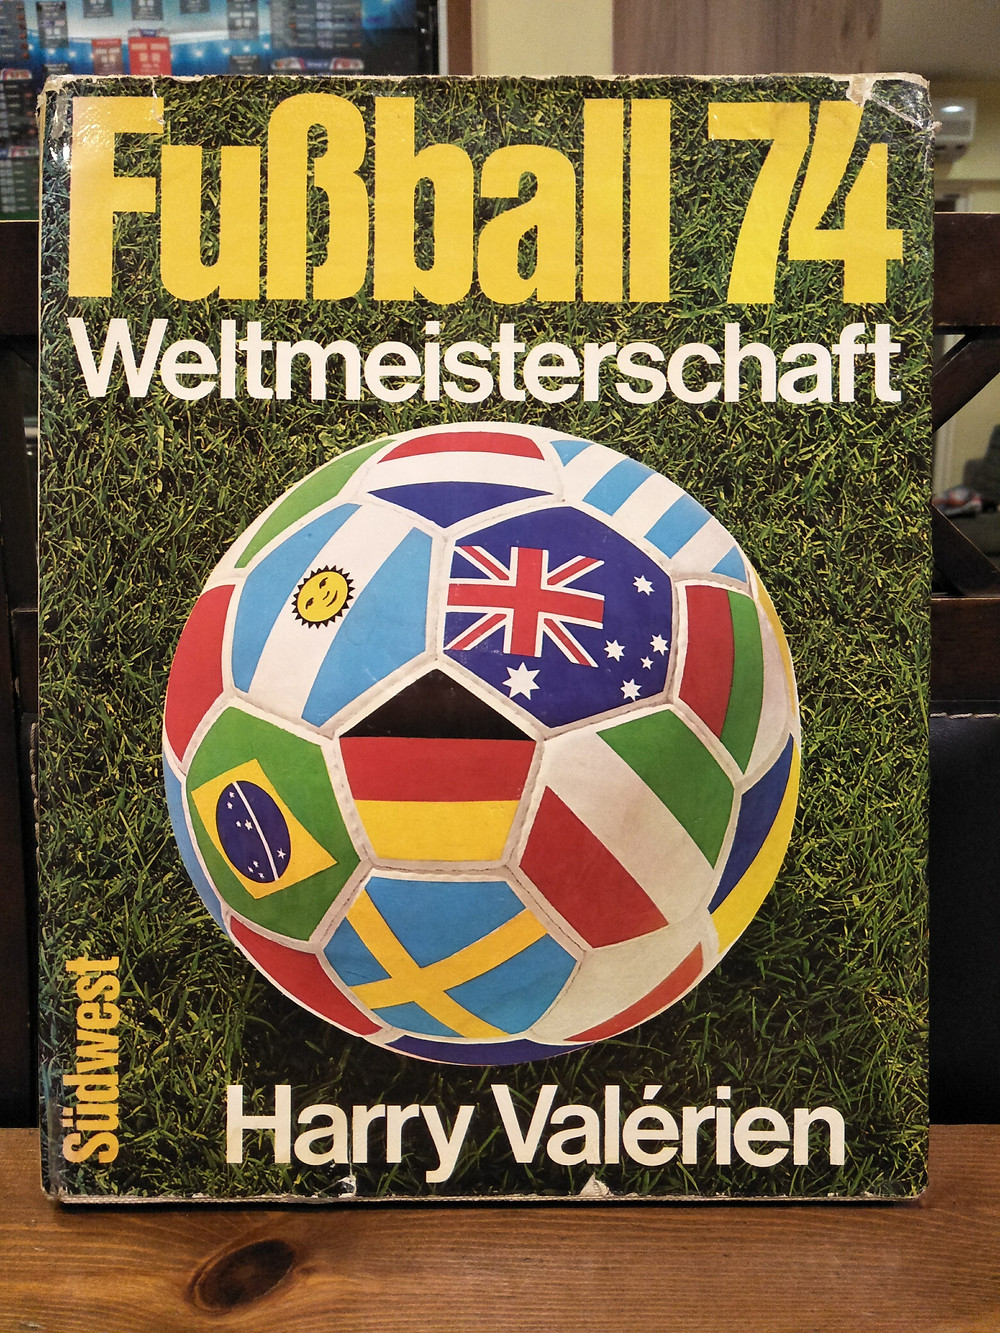 1974年的《世界盃紀念冊》封面。圖片來源:劉叔慧提供